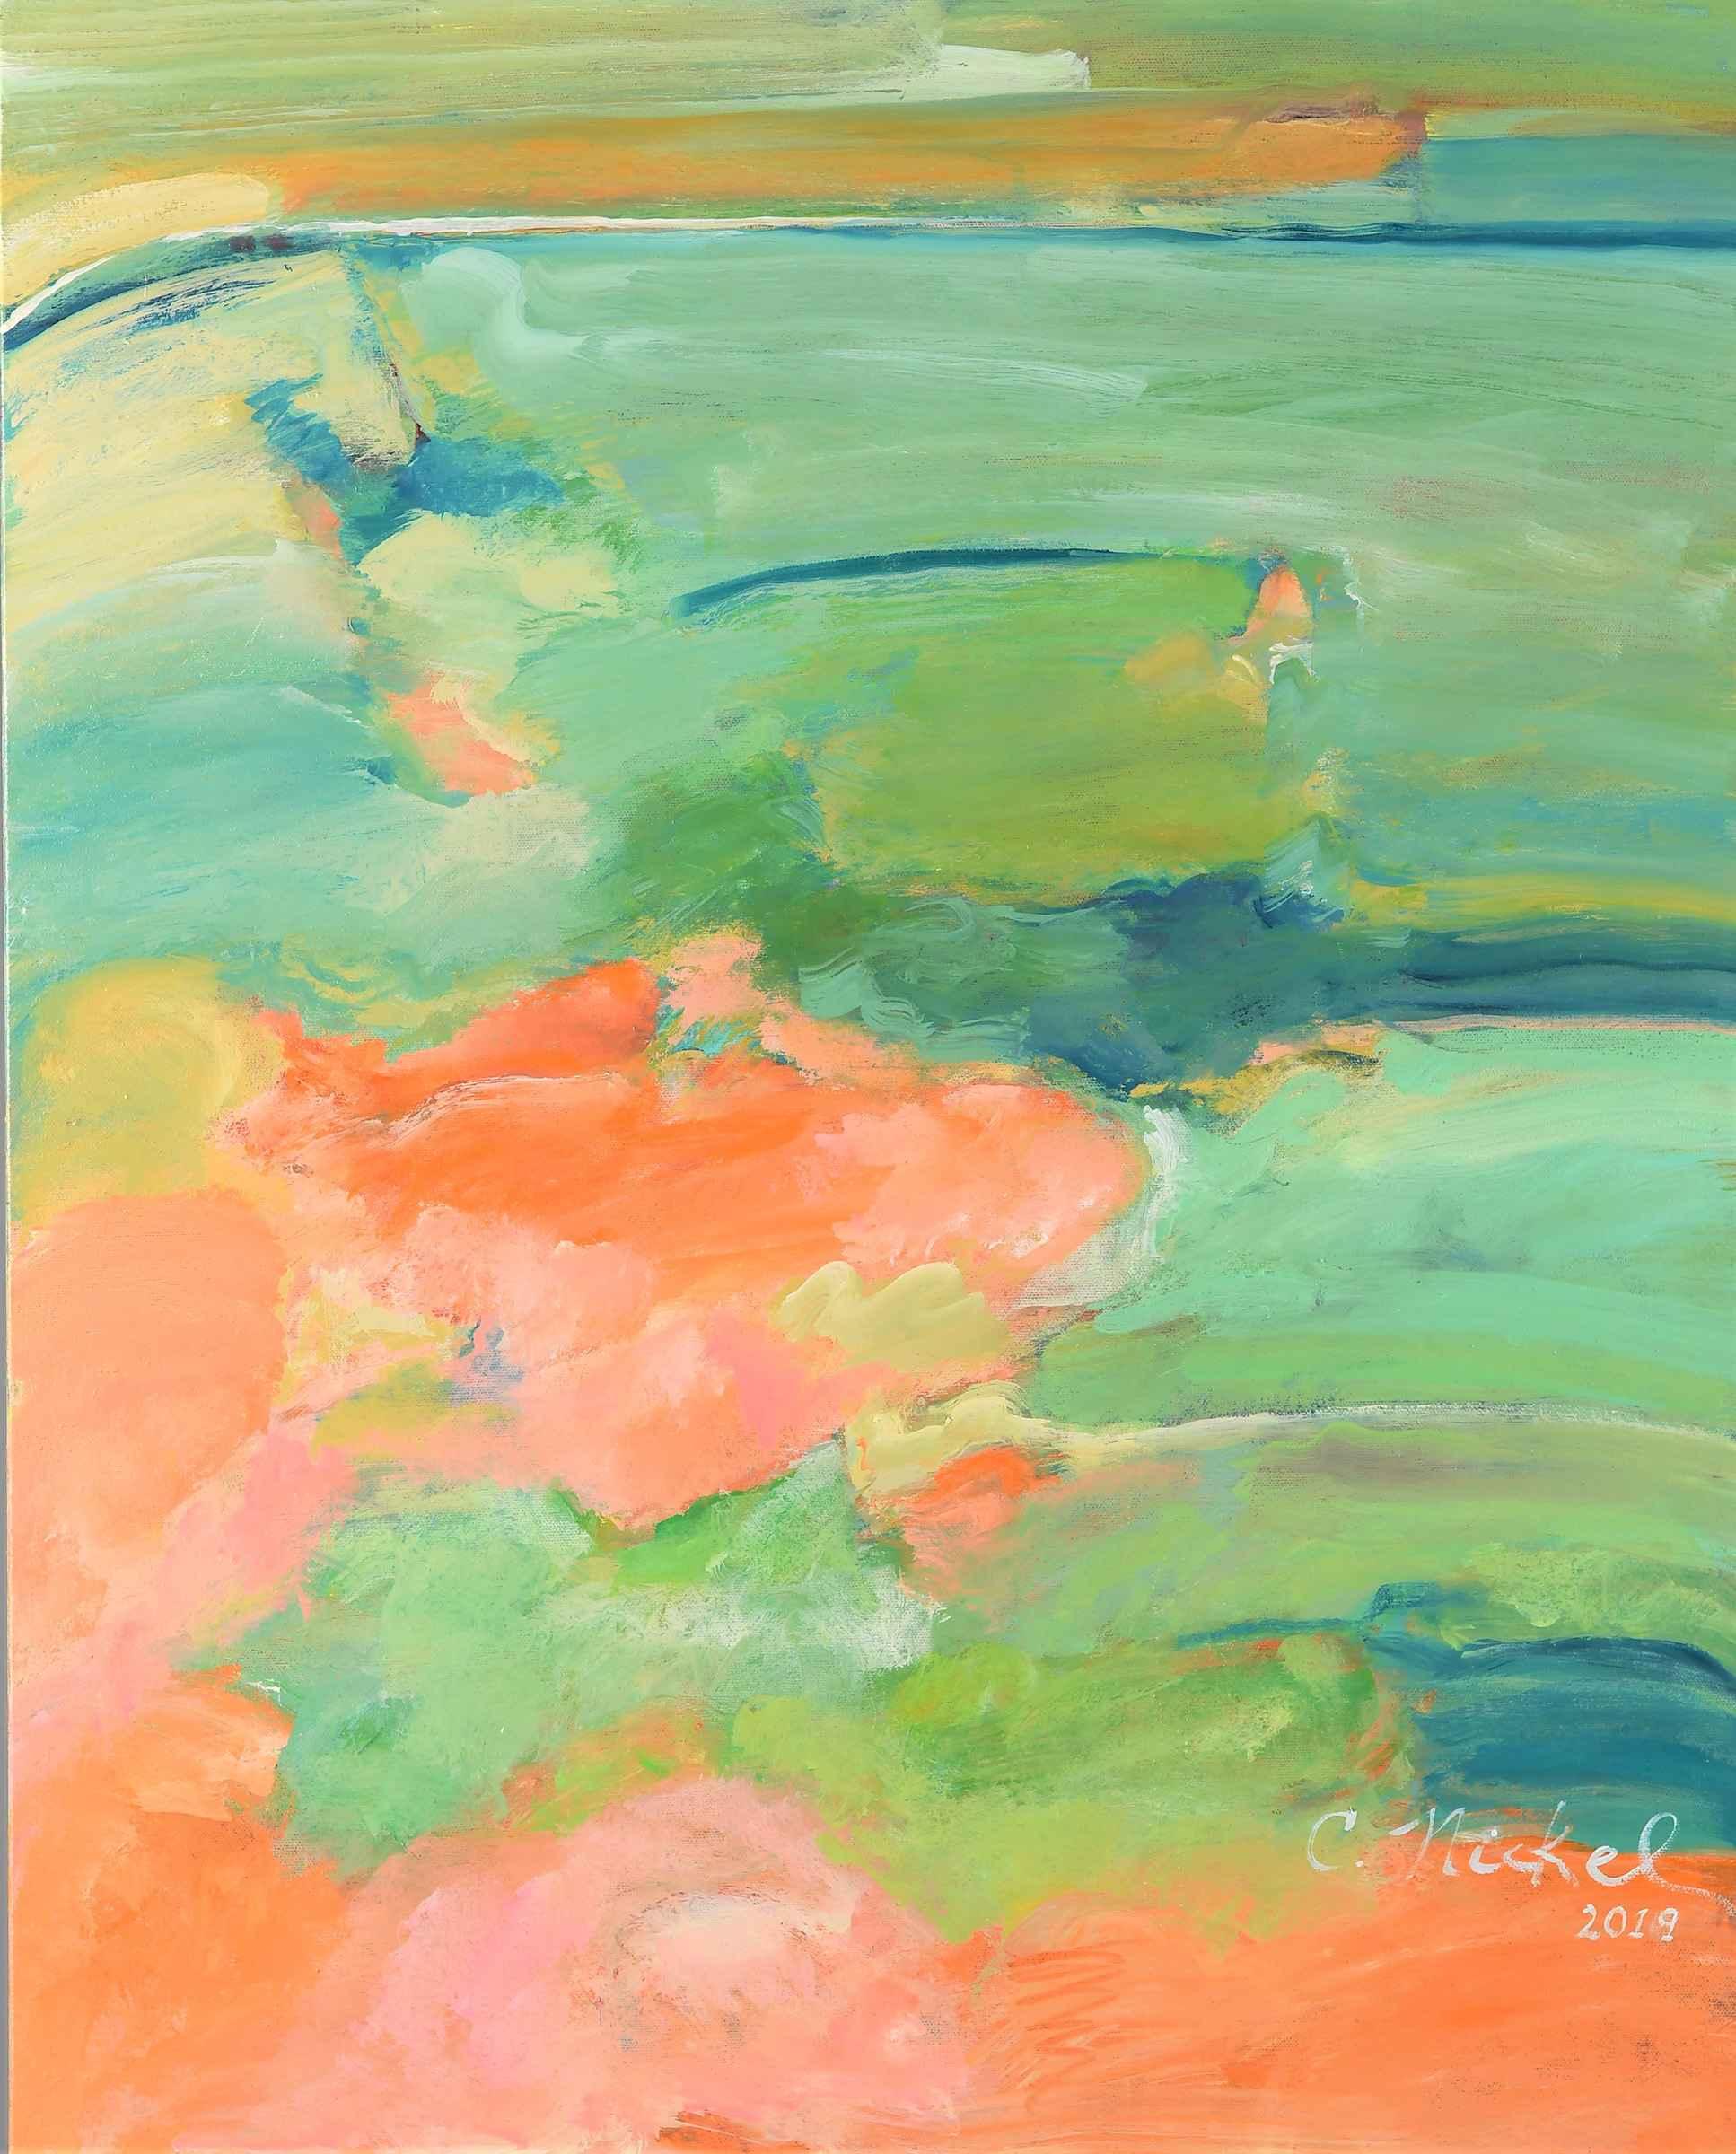 Fresh Air by  Charlotte Nickel - Masterpiece Online